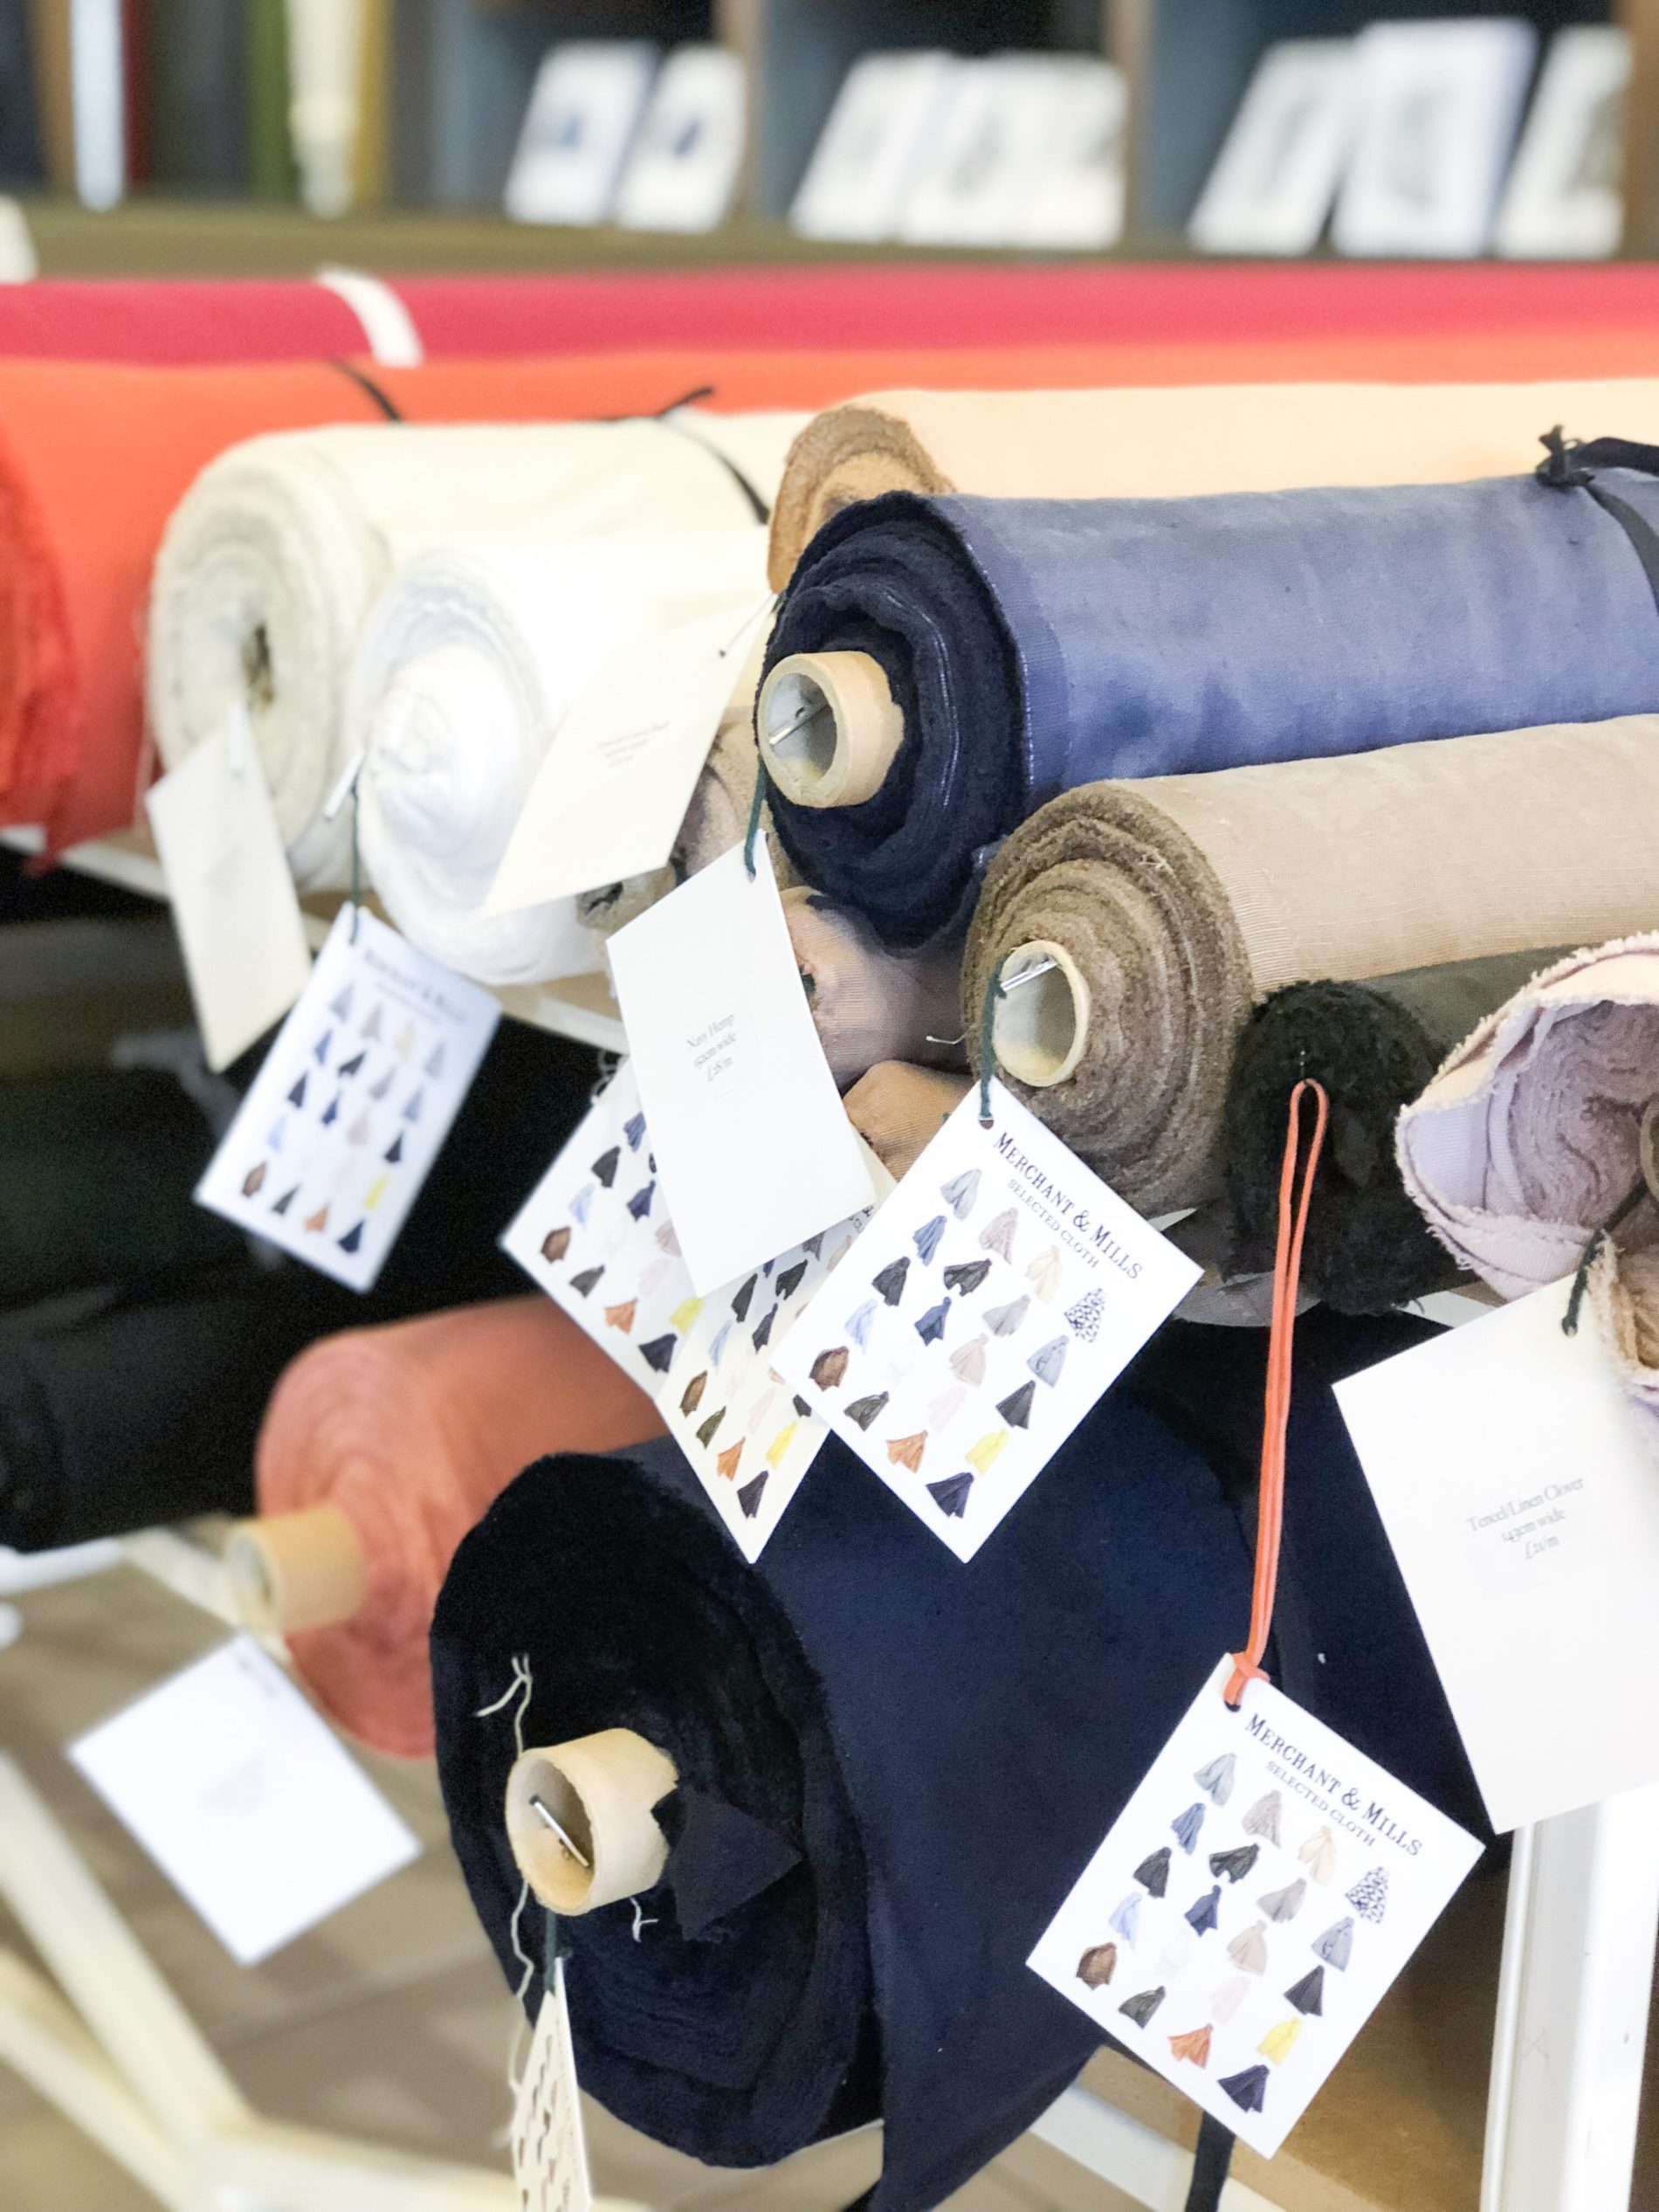 Ein Wochenende in Rye und Stoffekaufen bei Merchant & Mills